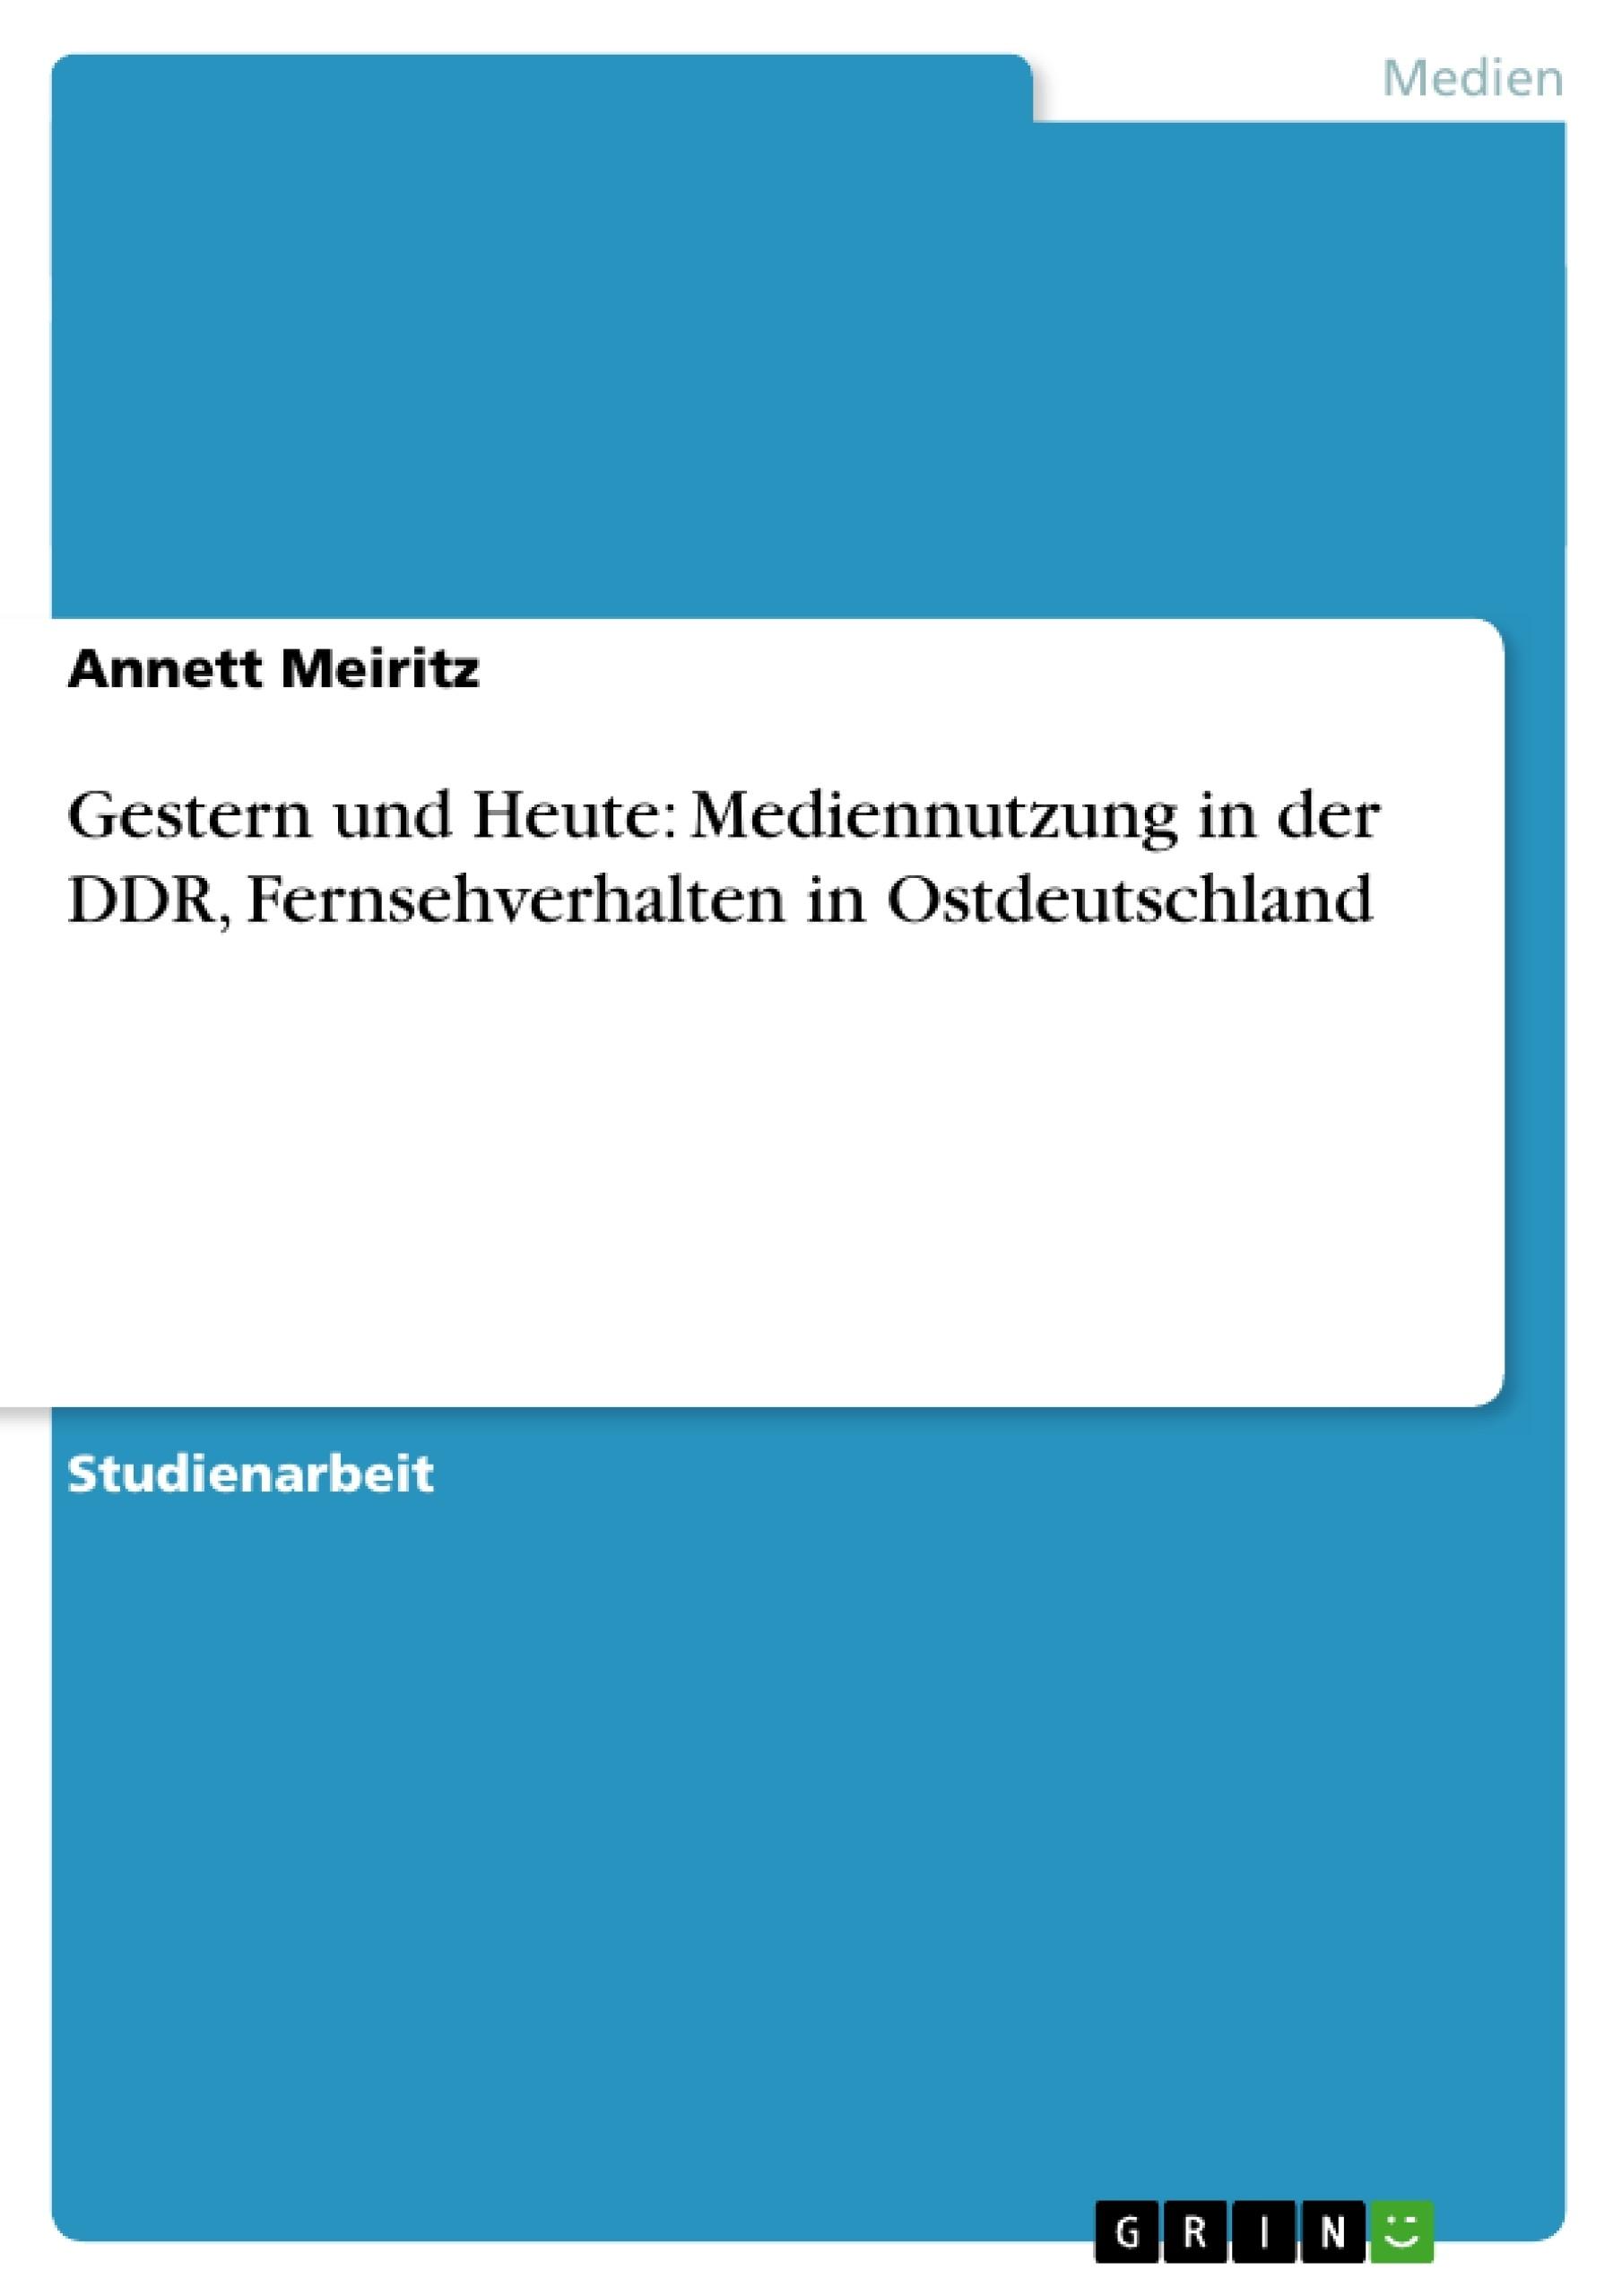 Titel: Gestern und Heute: Mediennutzung in der DDR, Fernsehverhalten in Ostdeutschland